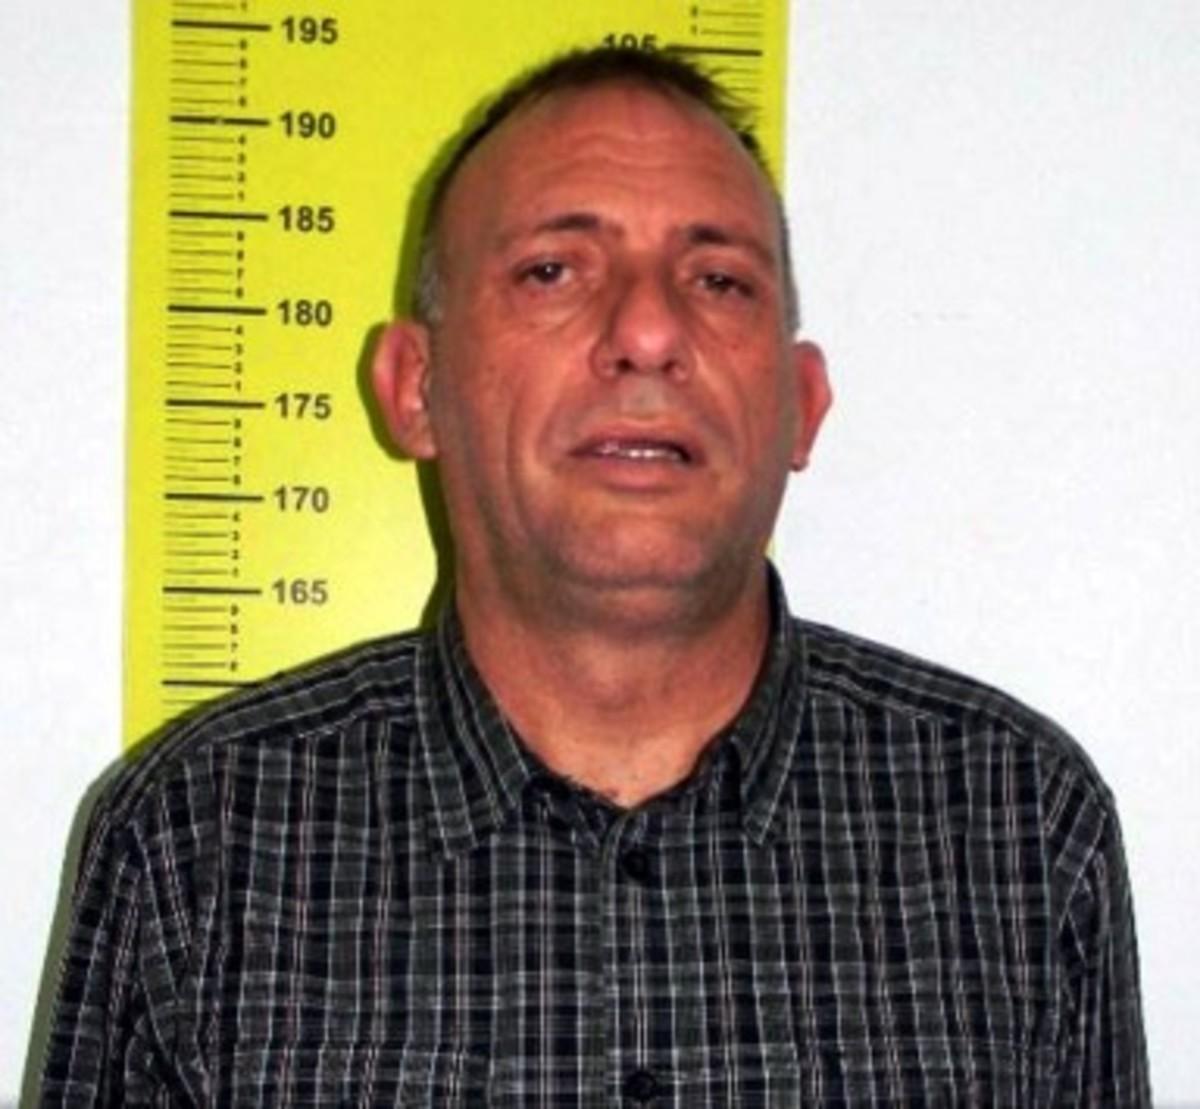 Αρνήθηκε τελικά την υπεράσπιση του παιδεραστή ο Ν. Κωνσταντόπουλος   Newsit.gr